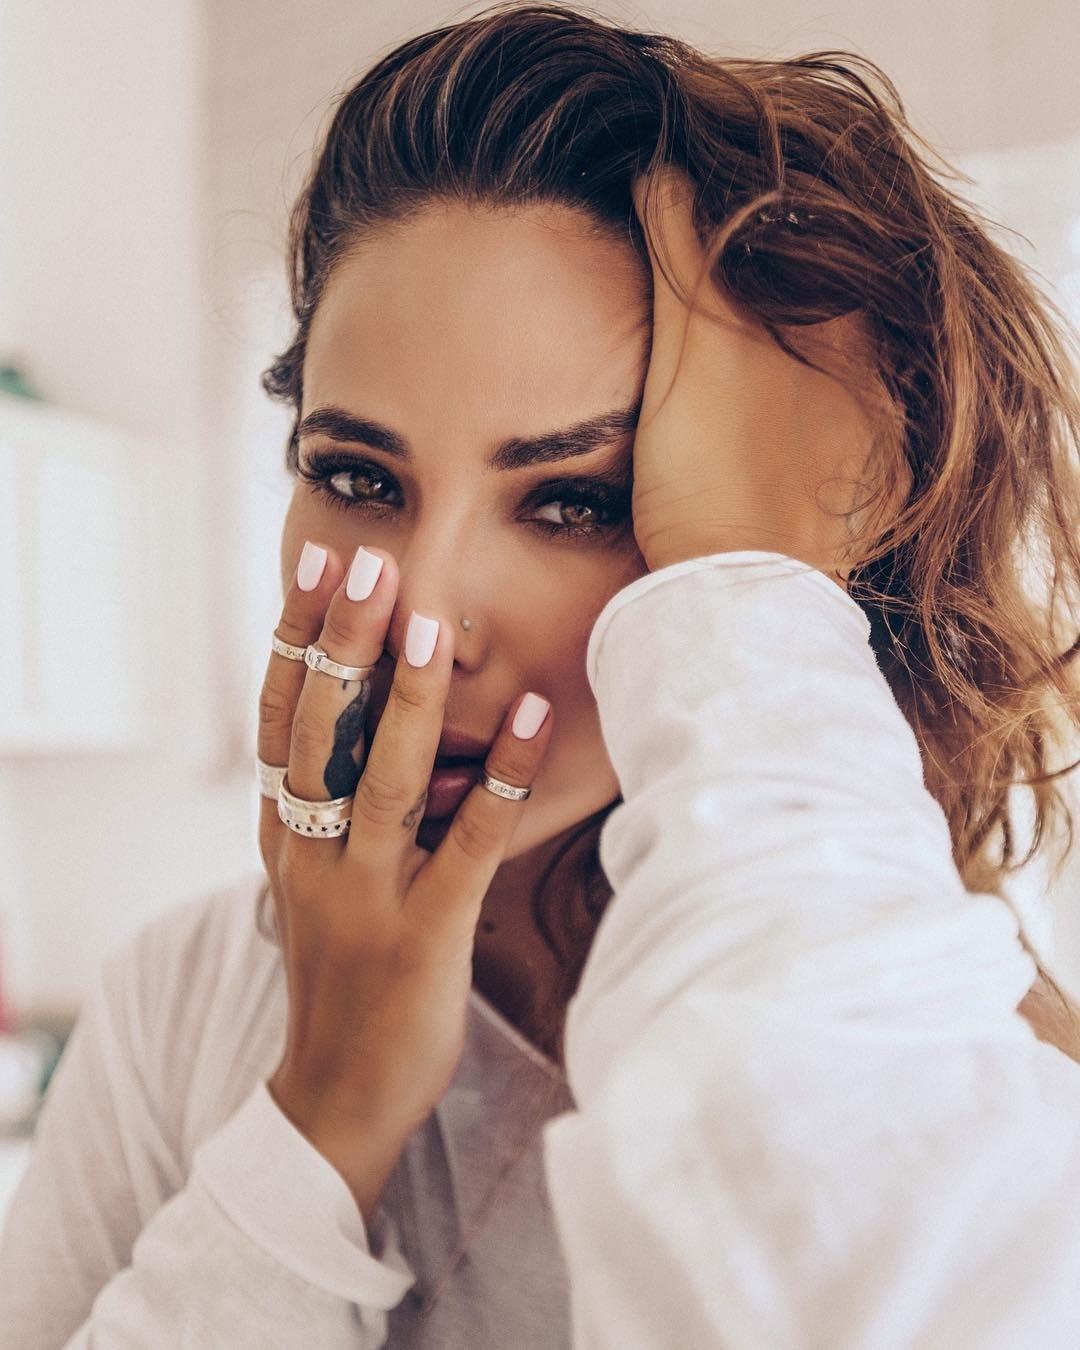 Айза Анохина резко отреагировала настатью вTatler обэлите и«блогерах-эскортницах»